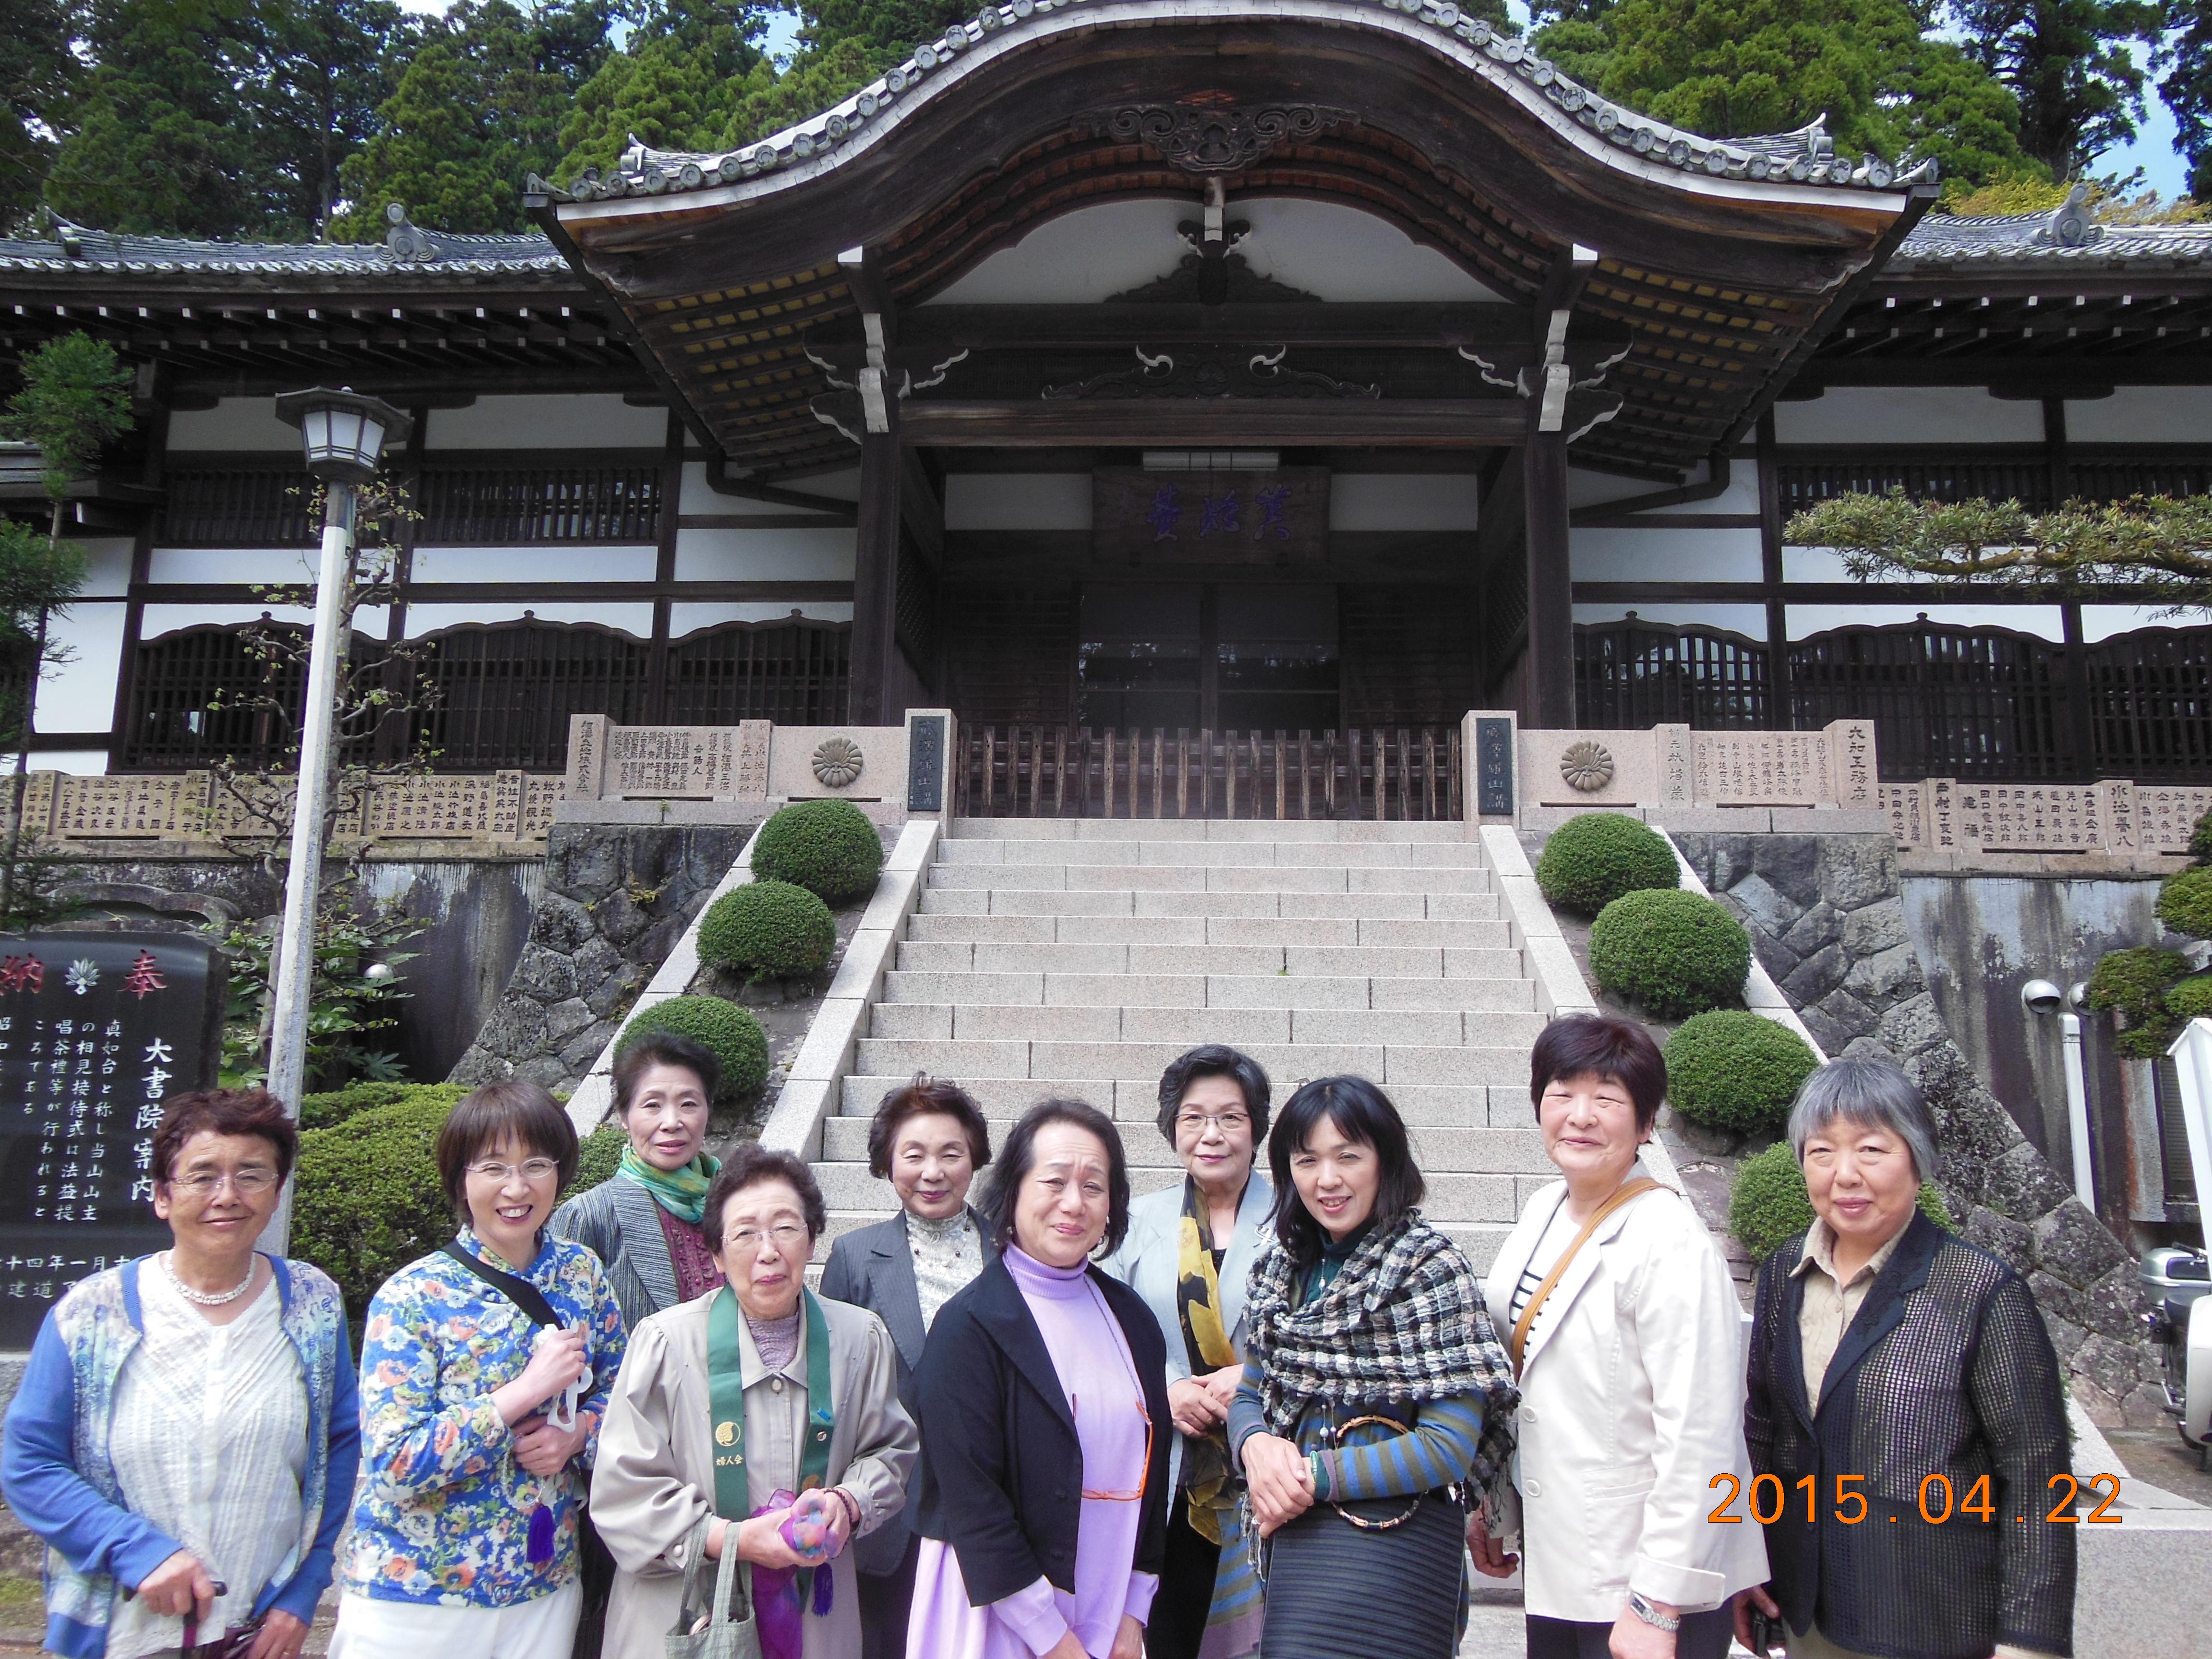 總持寺の後に神奈川県足柄市の最乗寺に参拝に行きました